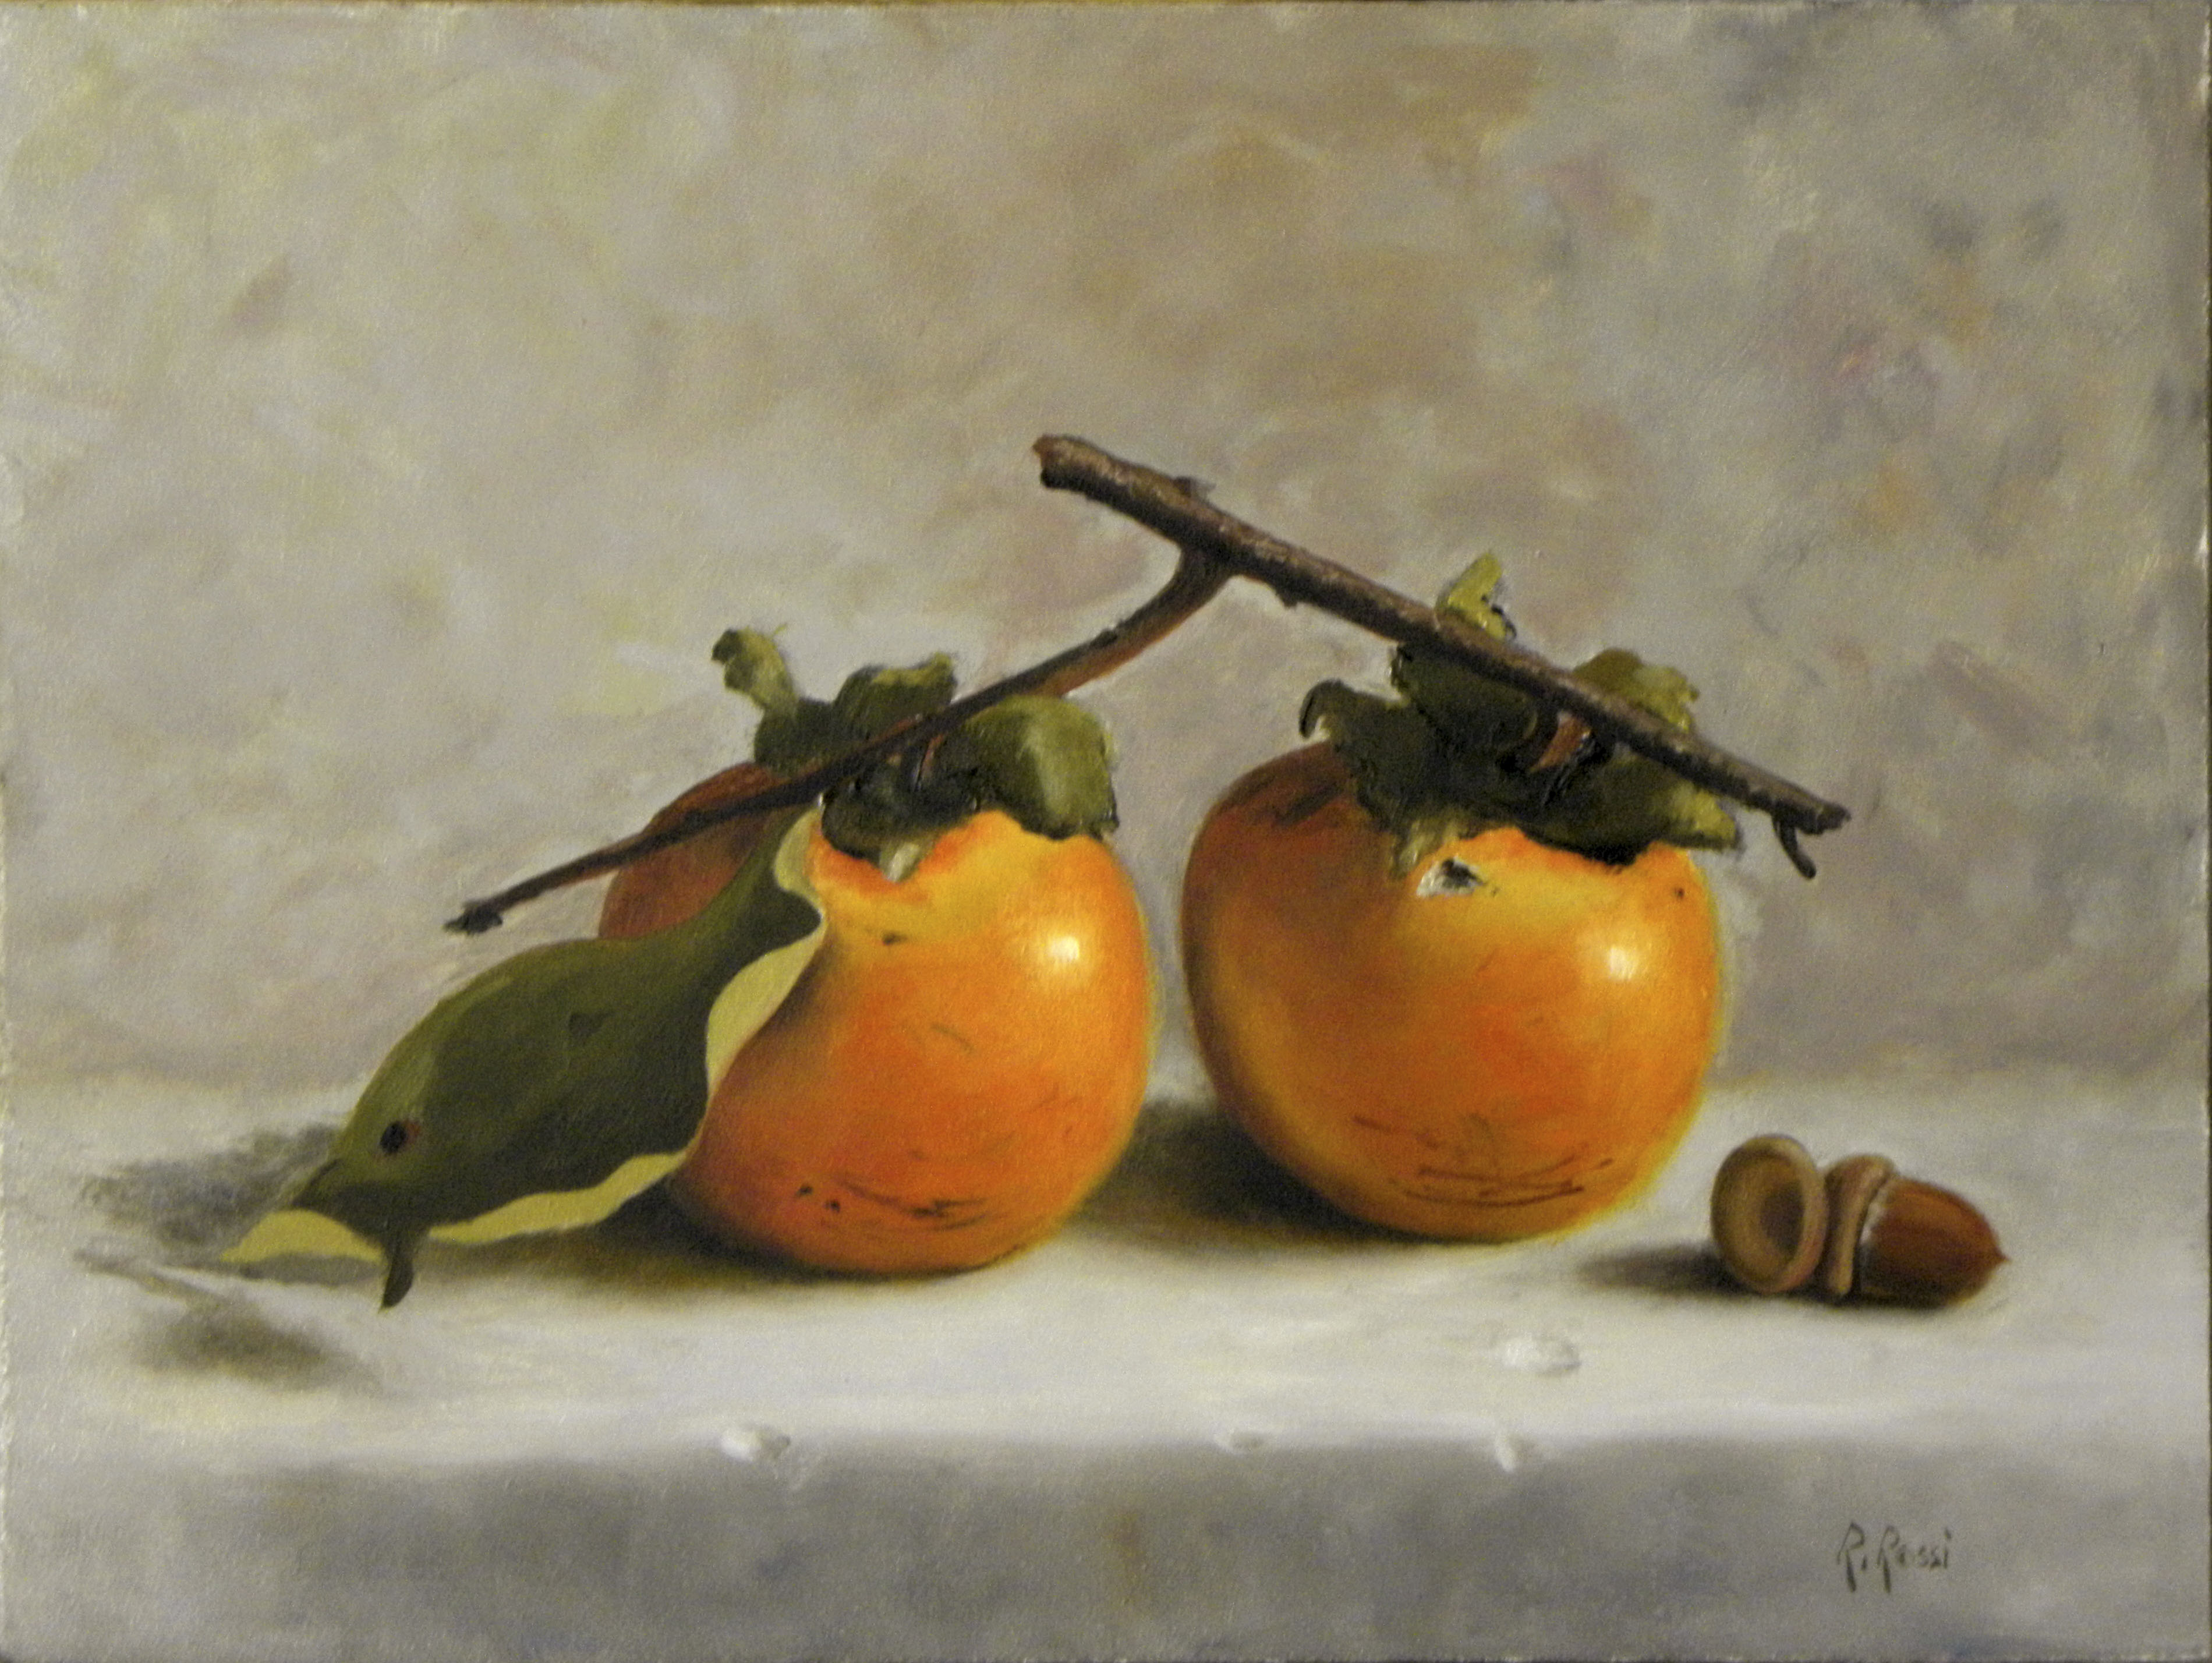 2012 roberta rossi – dolce autunno – olio su tela – 18 x 24